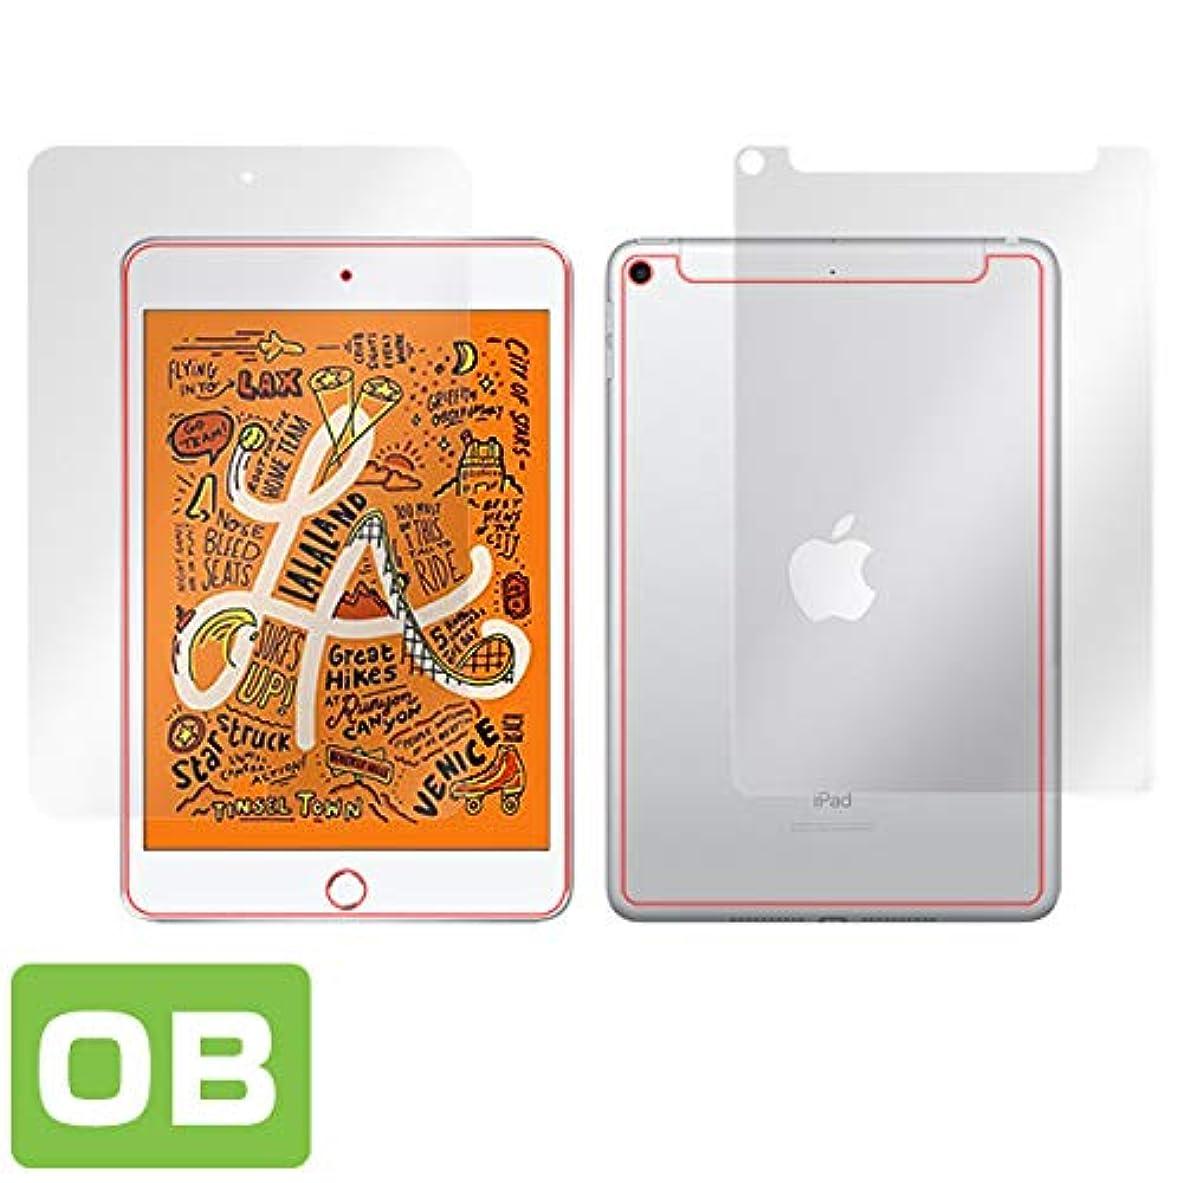 事業内容ジャングル酔ってiPad mini (第5世代) (Wi-Fi + Cellularモデル) / iPad mini 5 2019 用 光沢タイプ 液晶?背面保護フィルムセット 日本製 指紋が目立たない OverLay Brilliant OBIPADM5C/S/4